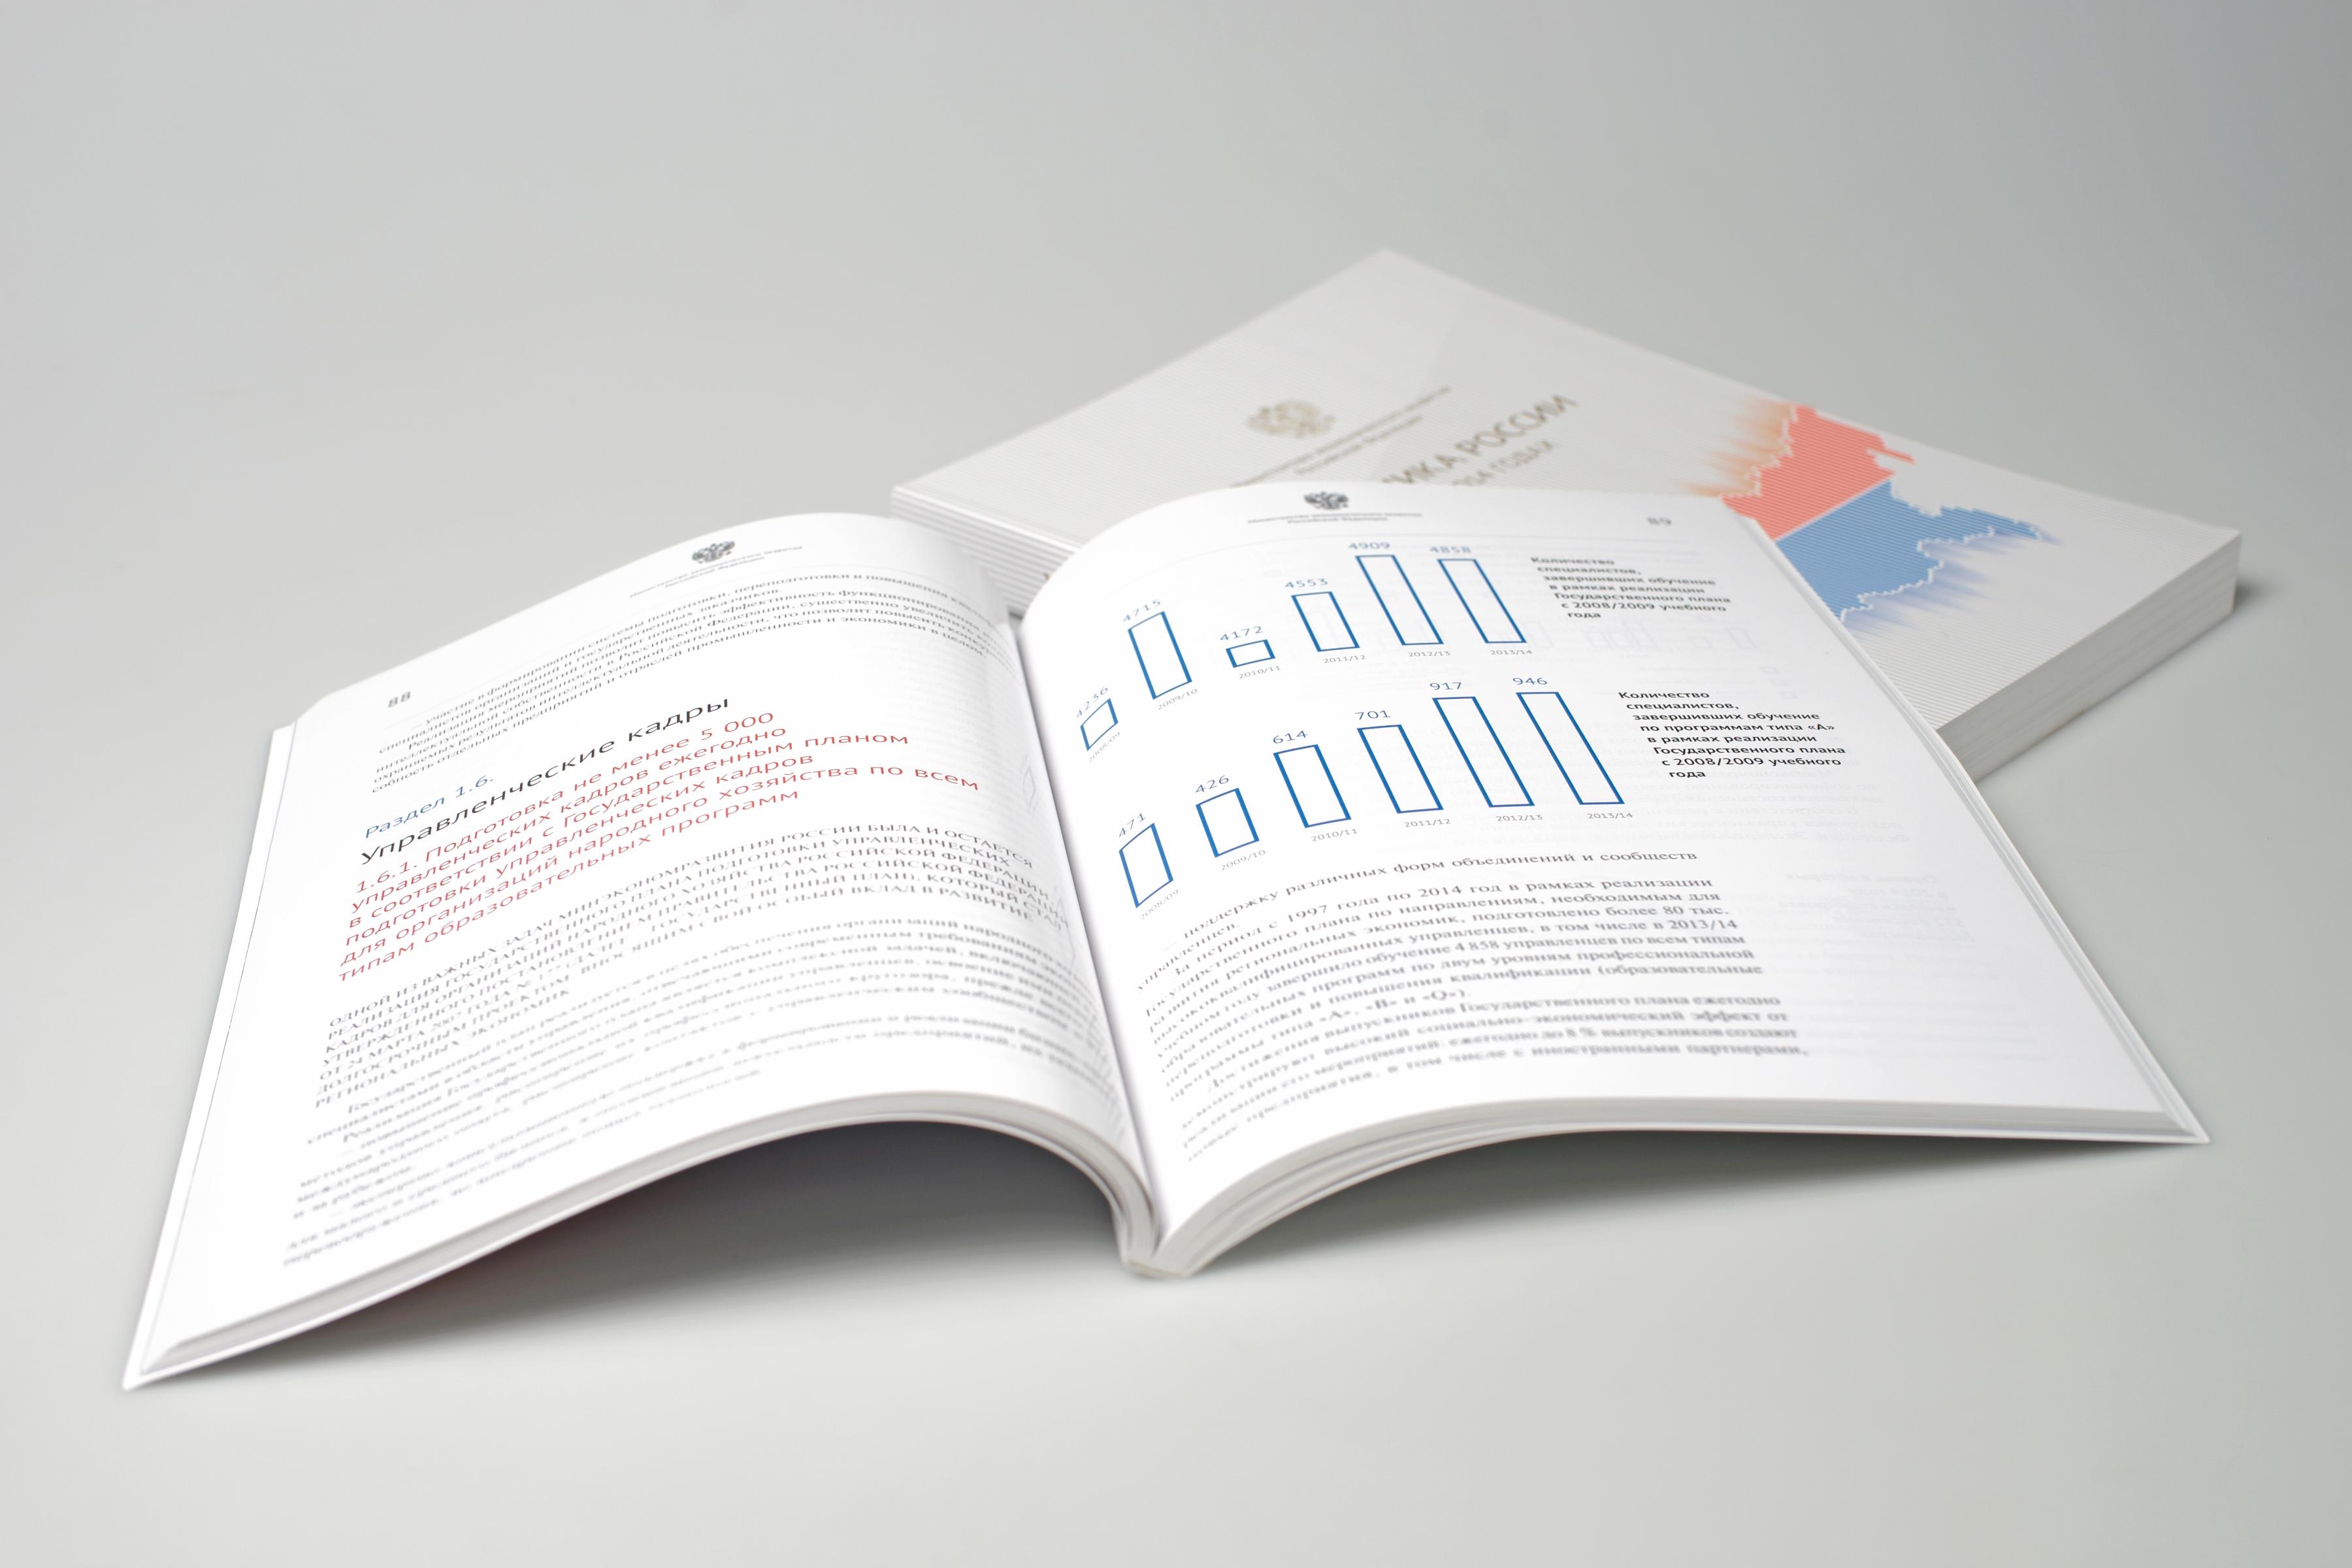 Годовой отчет со схемами и диаграммами